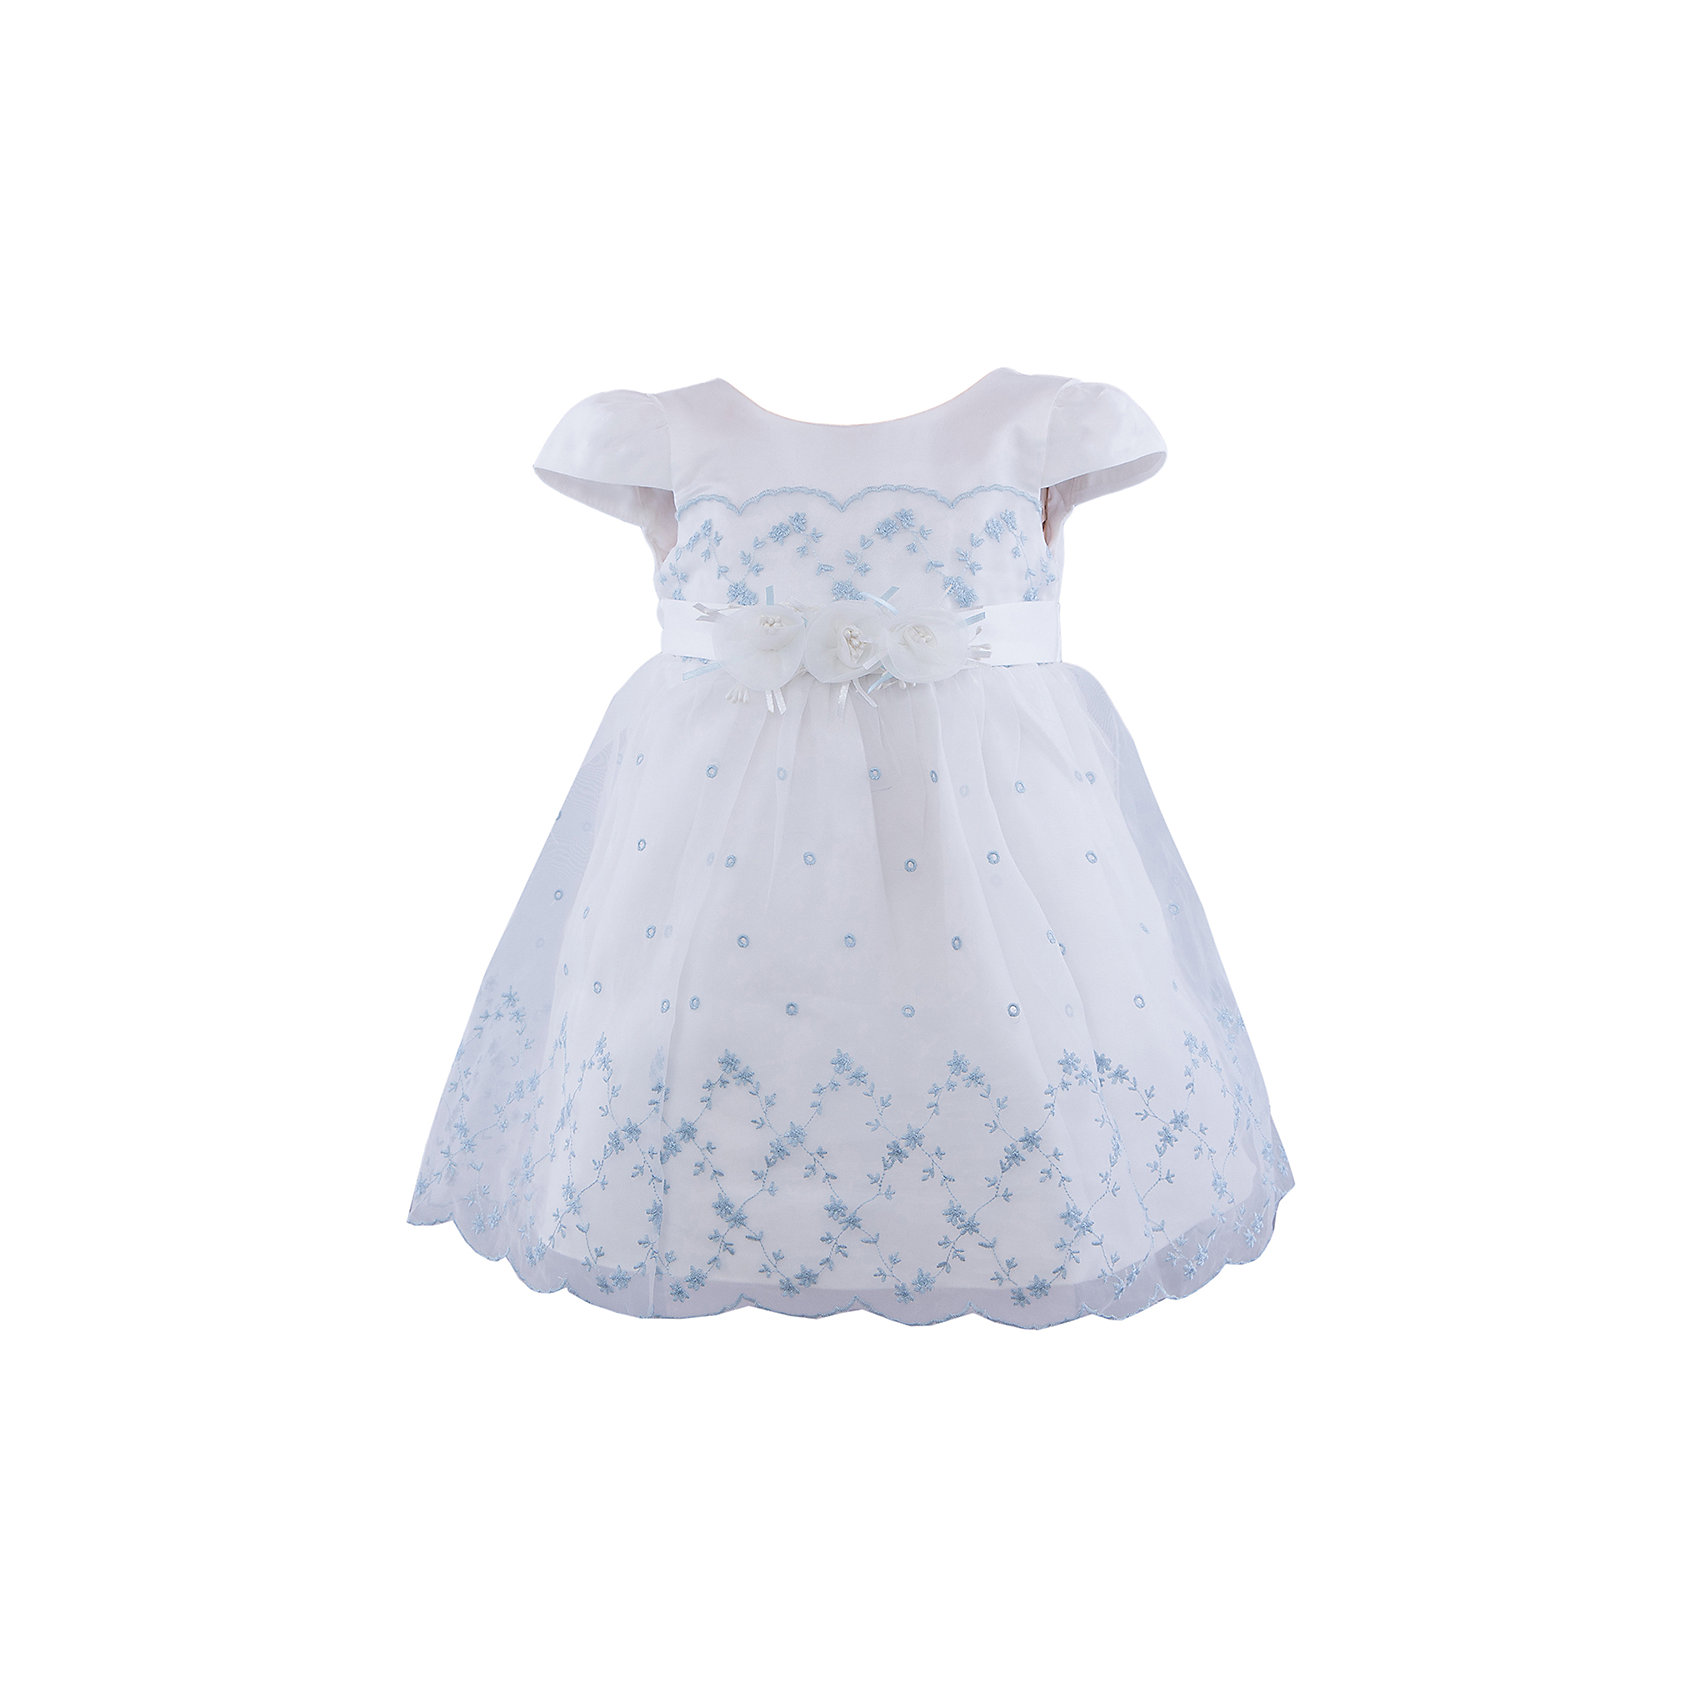 Нарядное платье для девочки VitacciОдежда<br>Платье для девочки от известного бренда Vitacci.<br>Очаровательное платье для маленькой принцессы. Модель отрезная по линии талии,с застёжкой молнией на спинке.<br>Состав:<br>100% полиэстер<br><br>Ширина мм: 236<br>Глубина мм: 16<br>Высота мм: 184<br>Вес г: 177<br>Цвет: синий/белый<br>Возраст от месяцев: 12<br>Возраст до месяцев: 15<br>Пол: Женский<br>Возраст: Детский<br>Размер: 80,120,110,100,90<br>SKU: 4956103